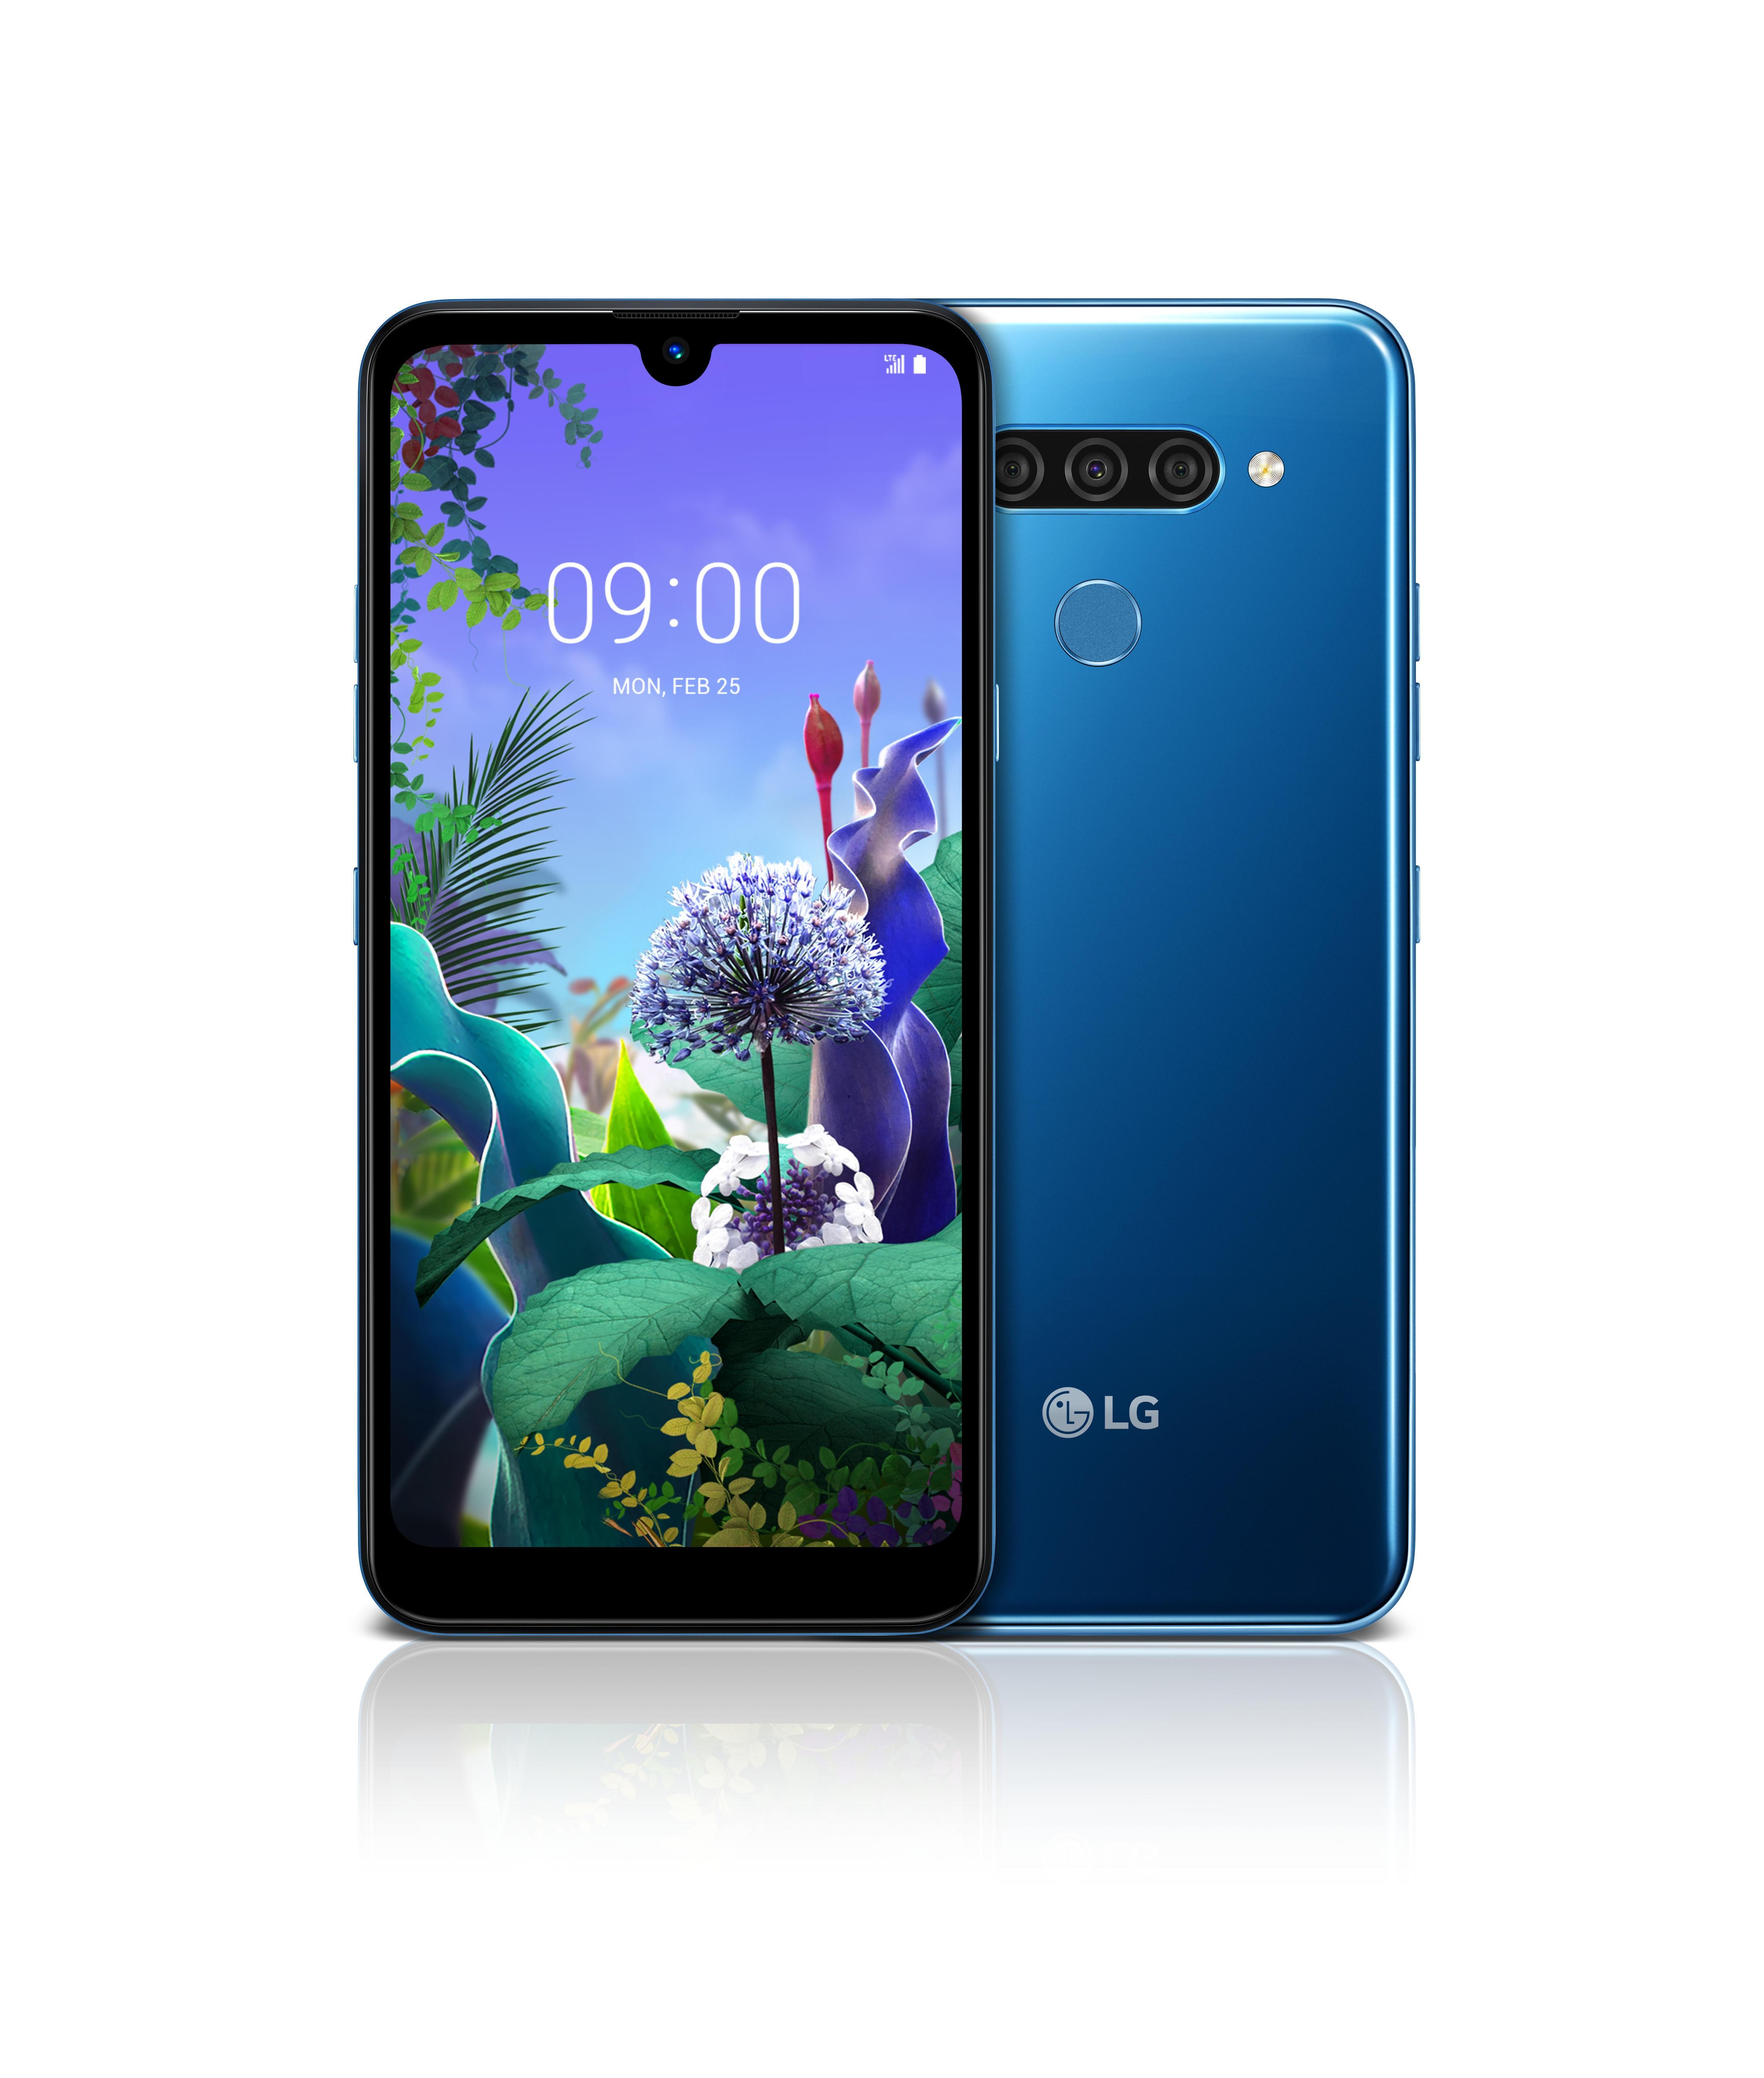 LG Lietuvos rinkai pristato naujus inovatyvius išmaniuosius telefonus Q60 ir K40